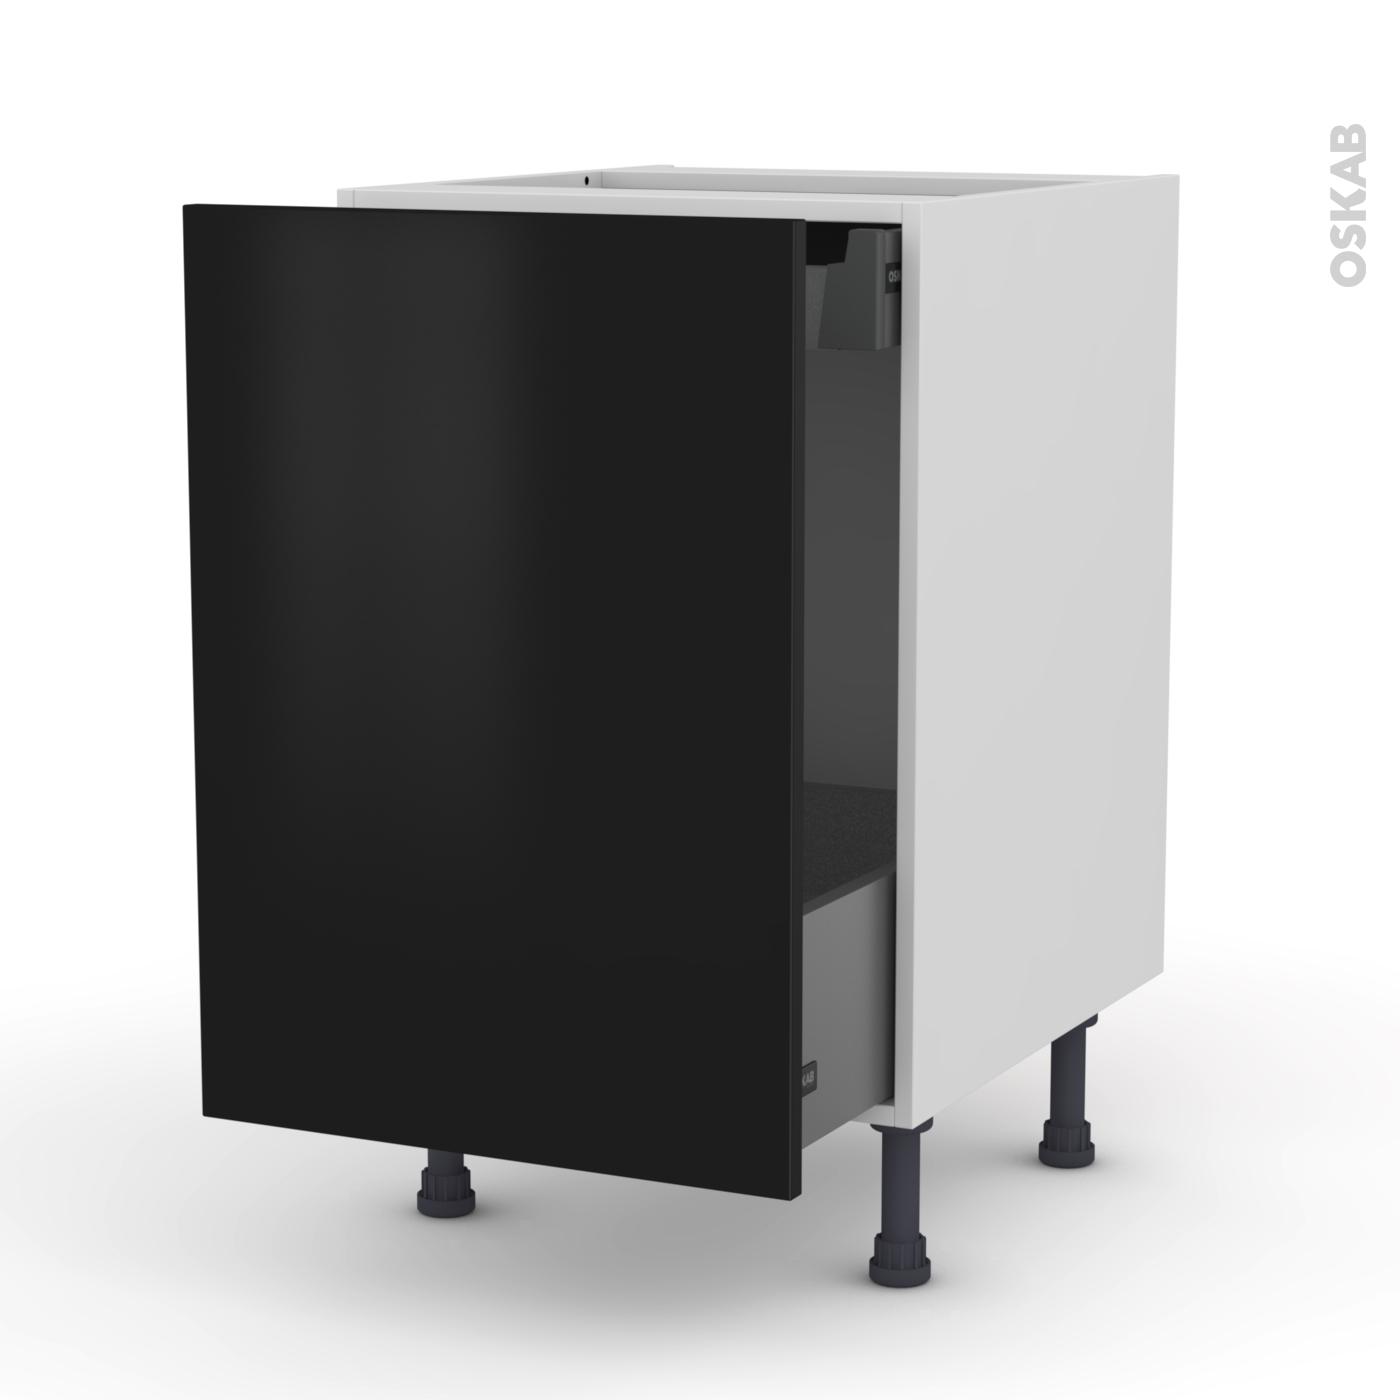 rideau coulissant pour meuble de cuisine superior meuble cuisine a rideau coulissant tiroir. Black Bedroom Furniture Sets. Home Design Ideas